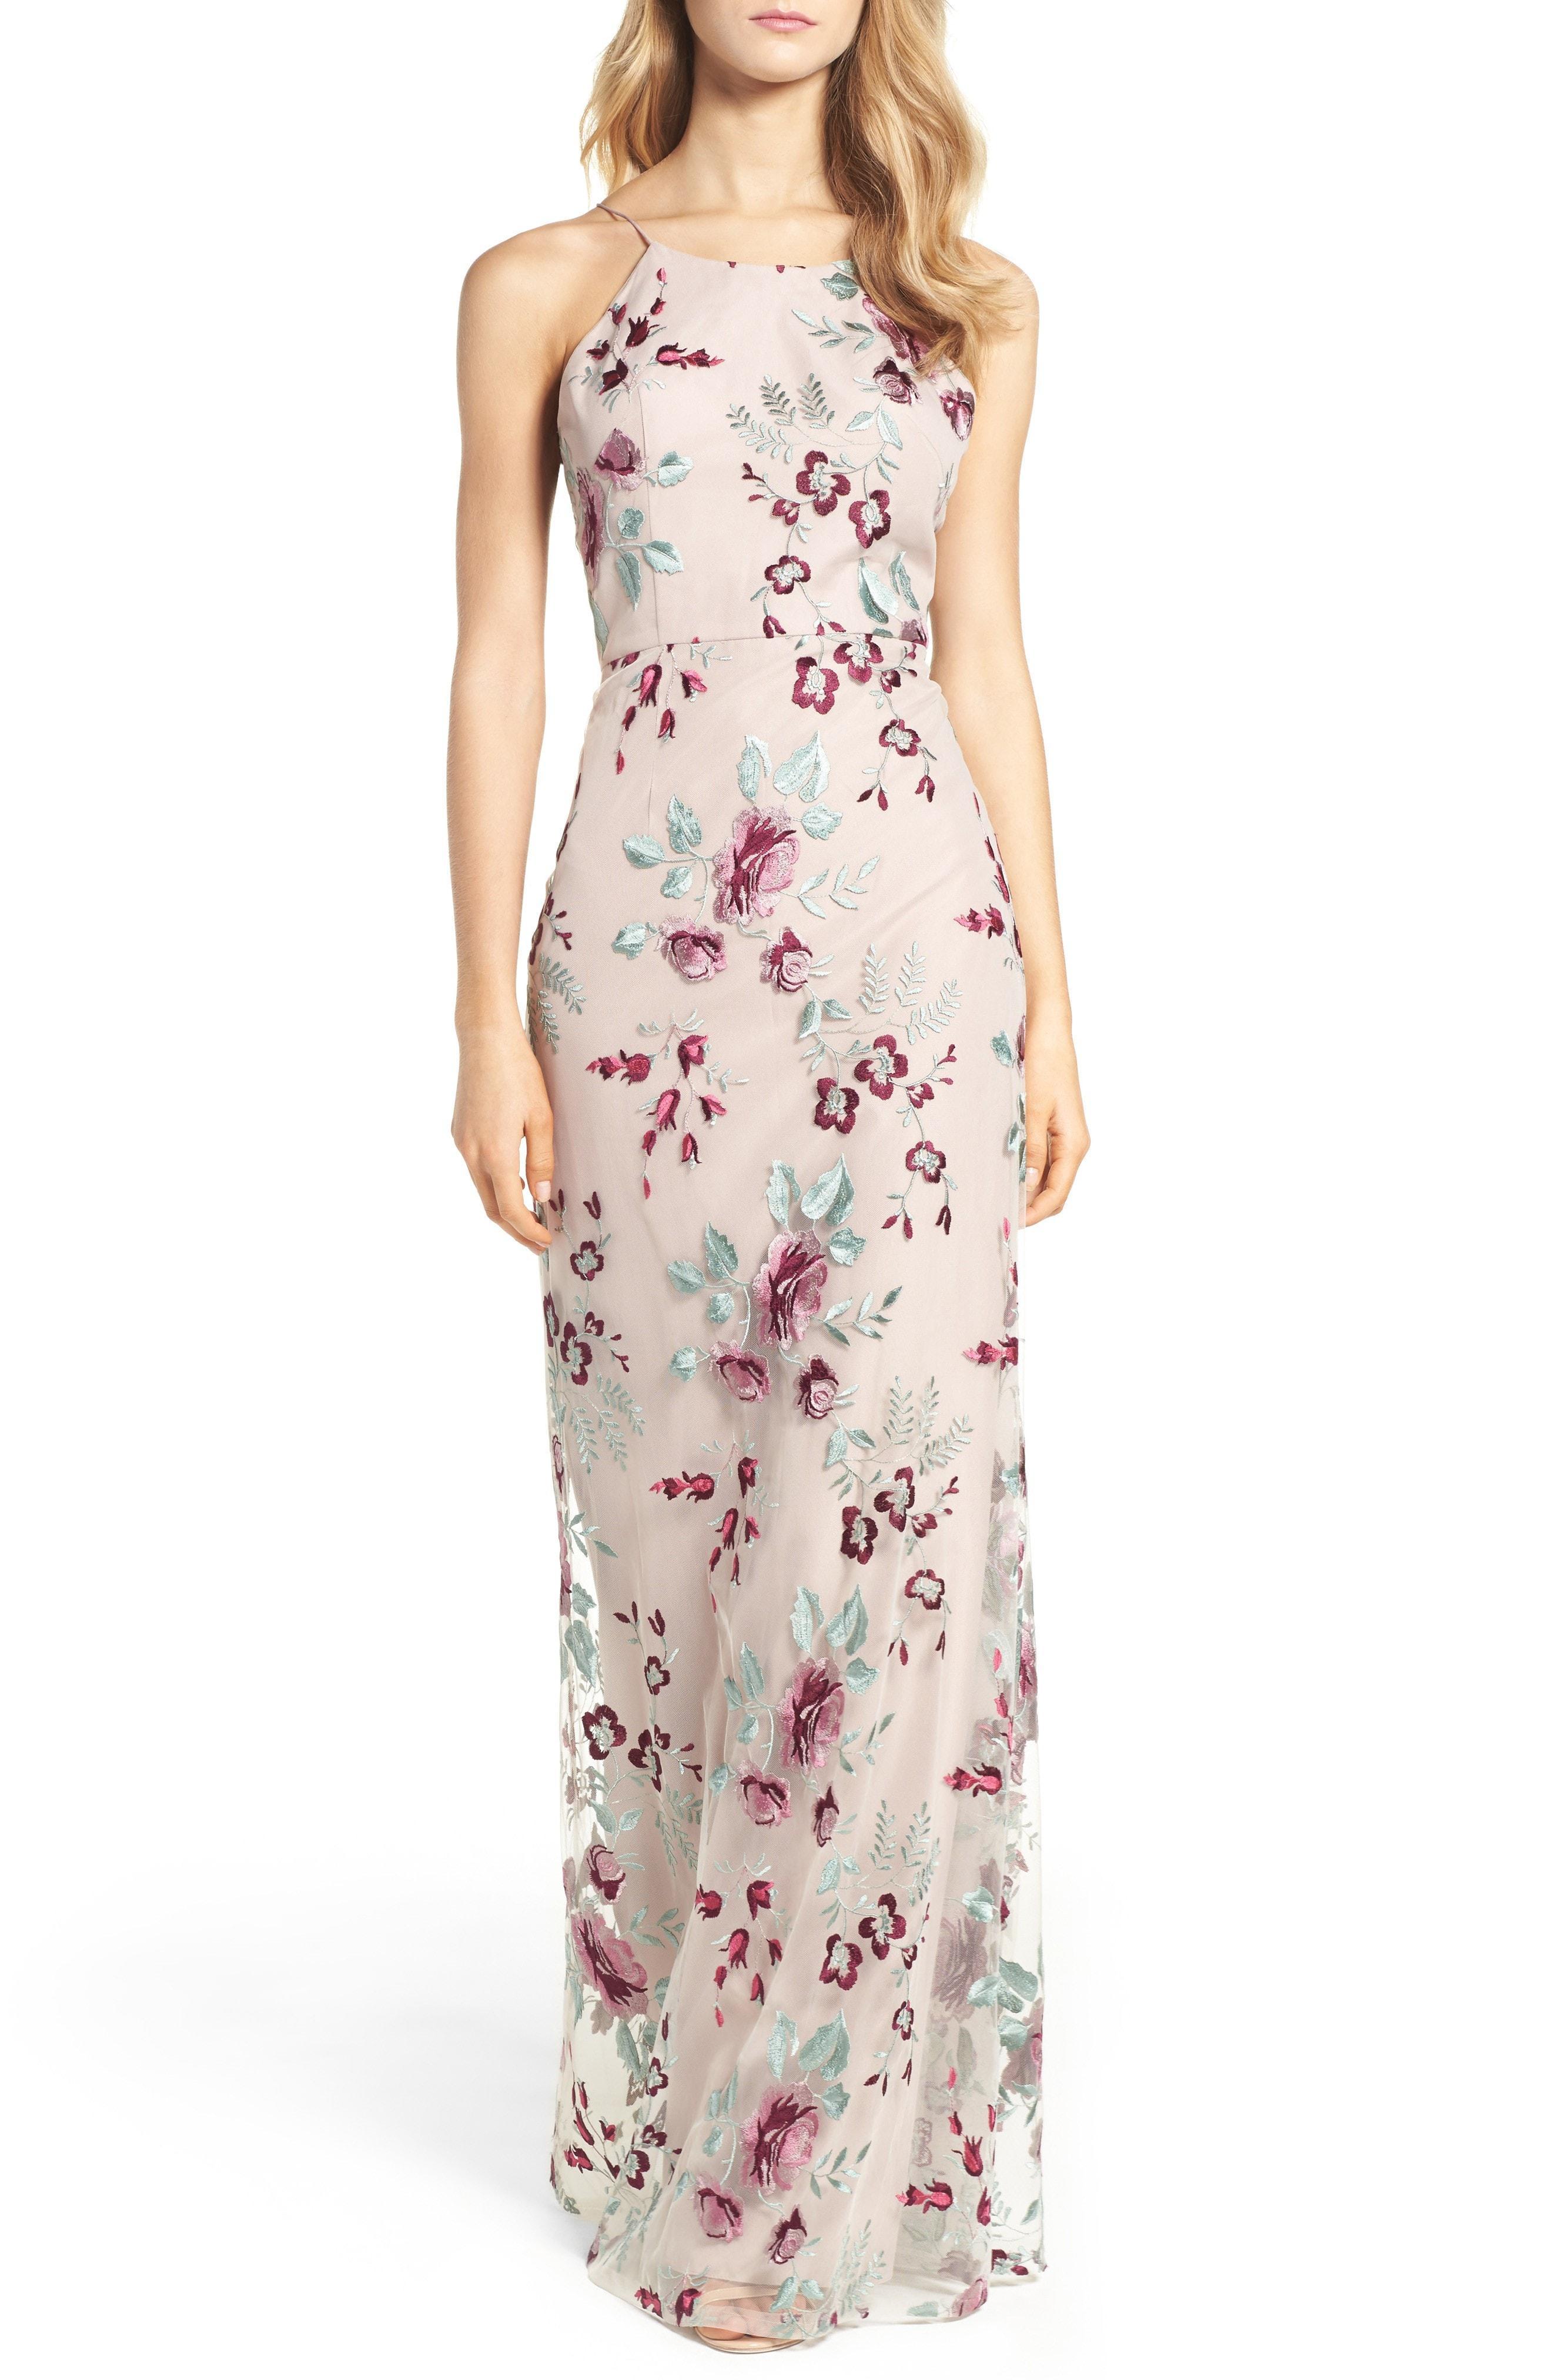 aaebfd8af Floral Embroidered Dress Nordstrom | Saddha